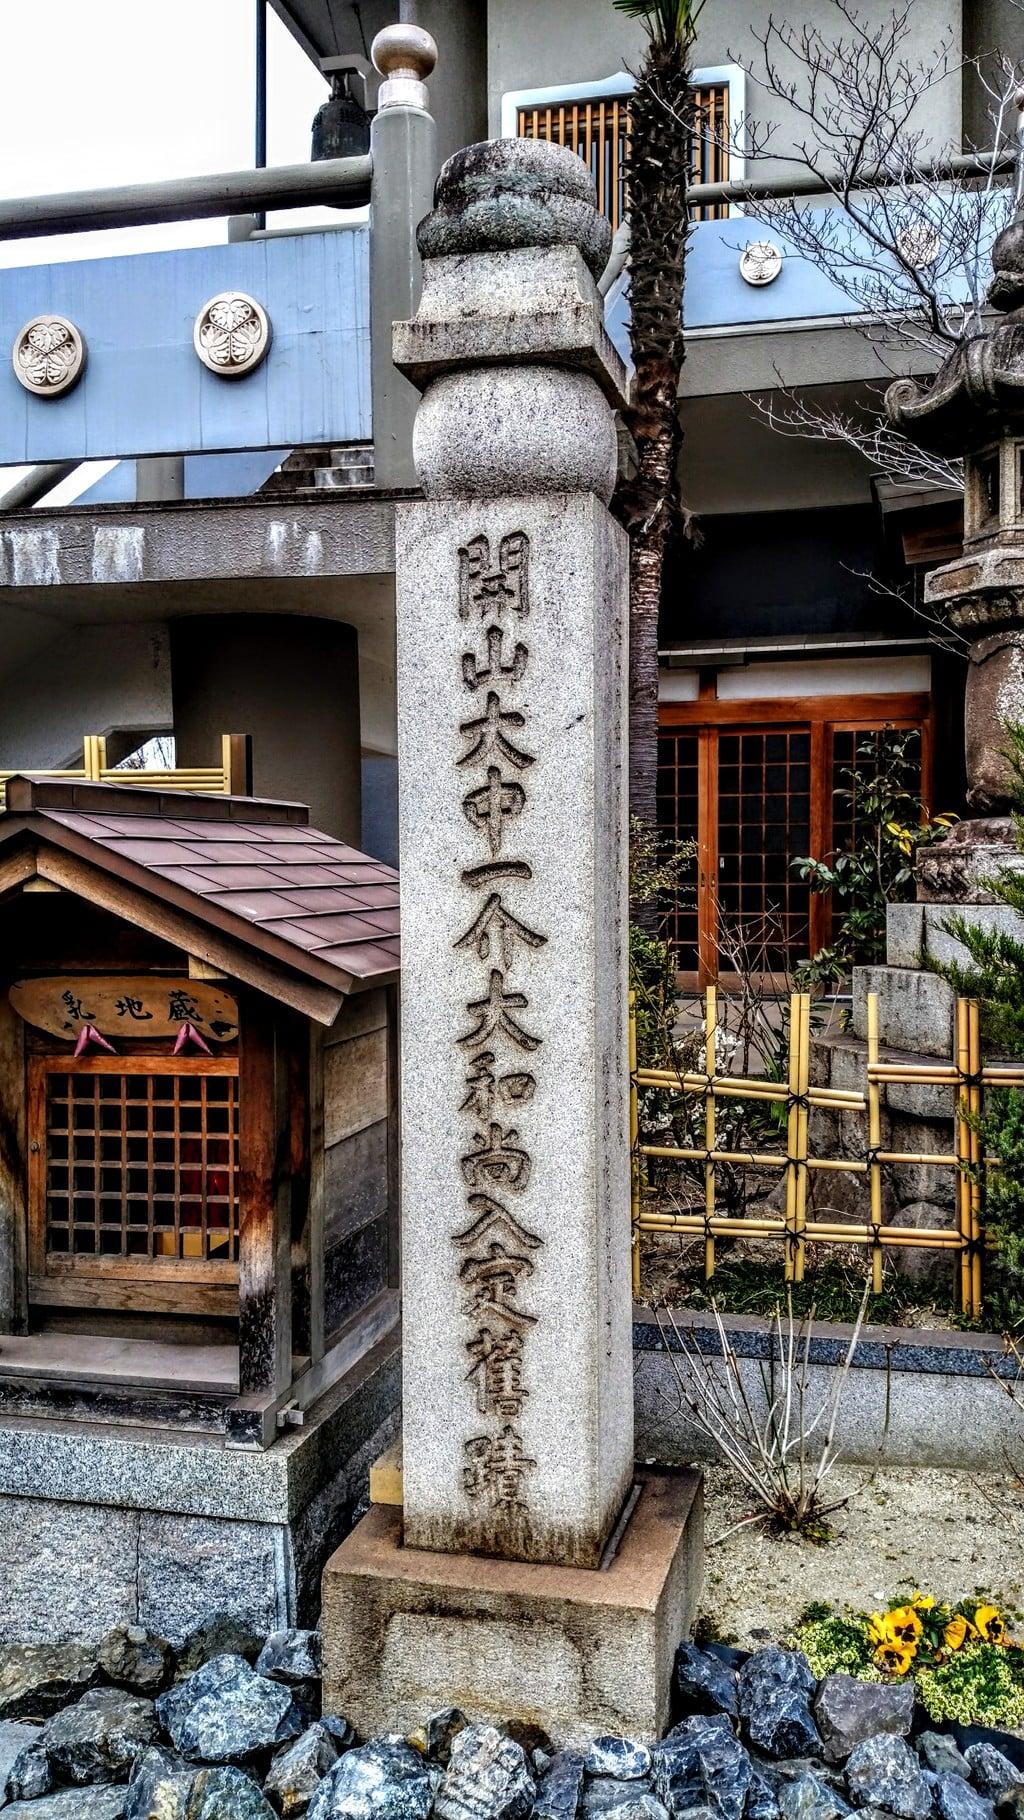 玉応山 龍雲院の像